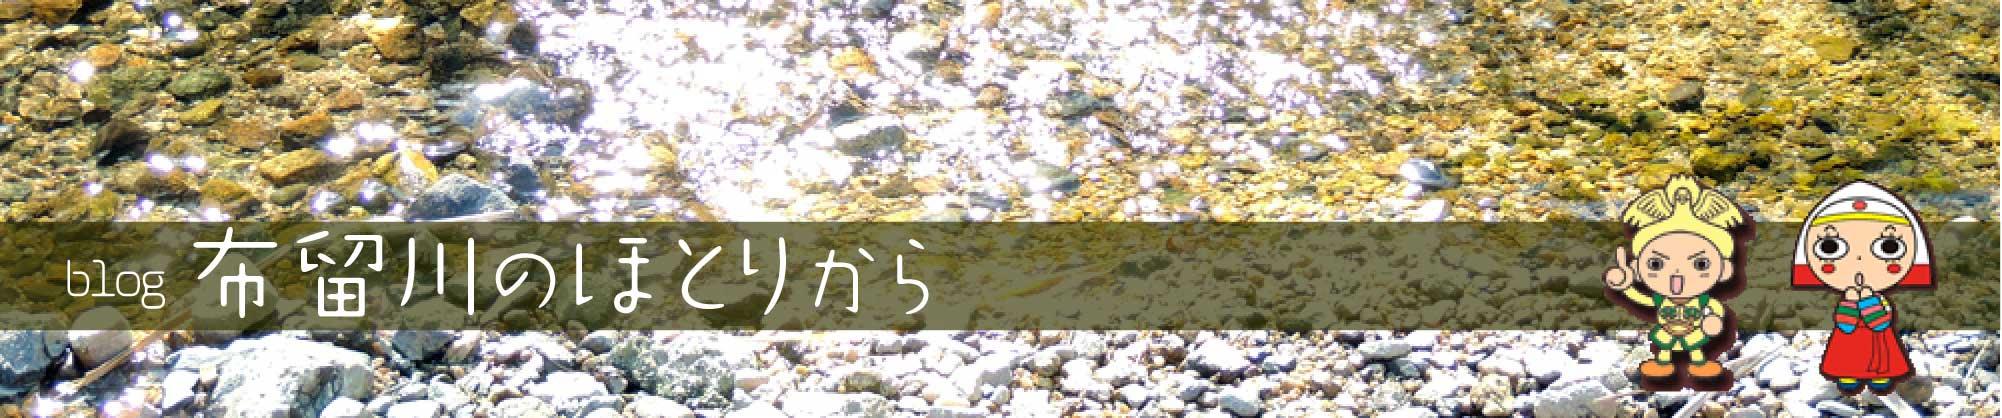 ブログ布留川のほとりから